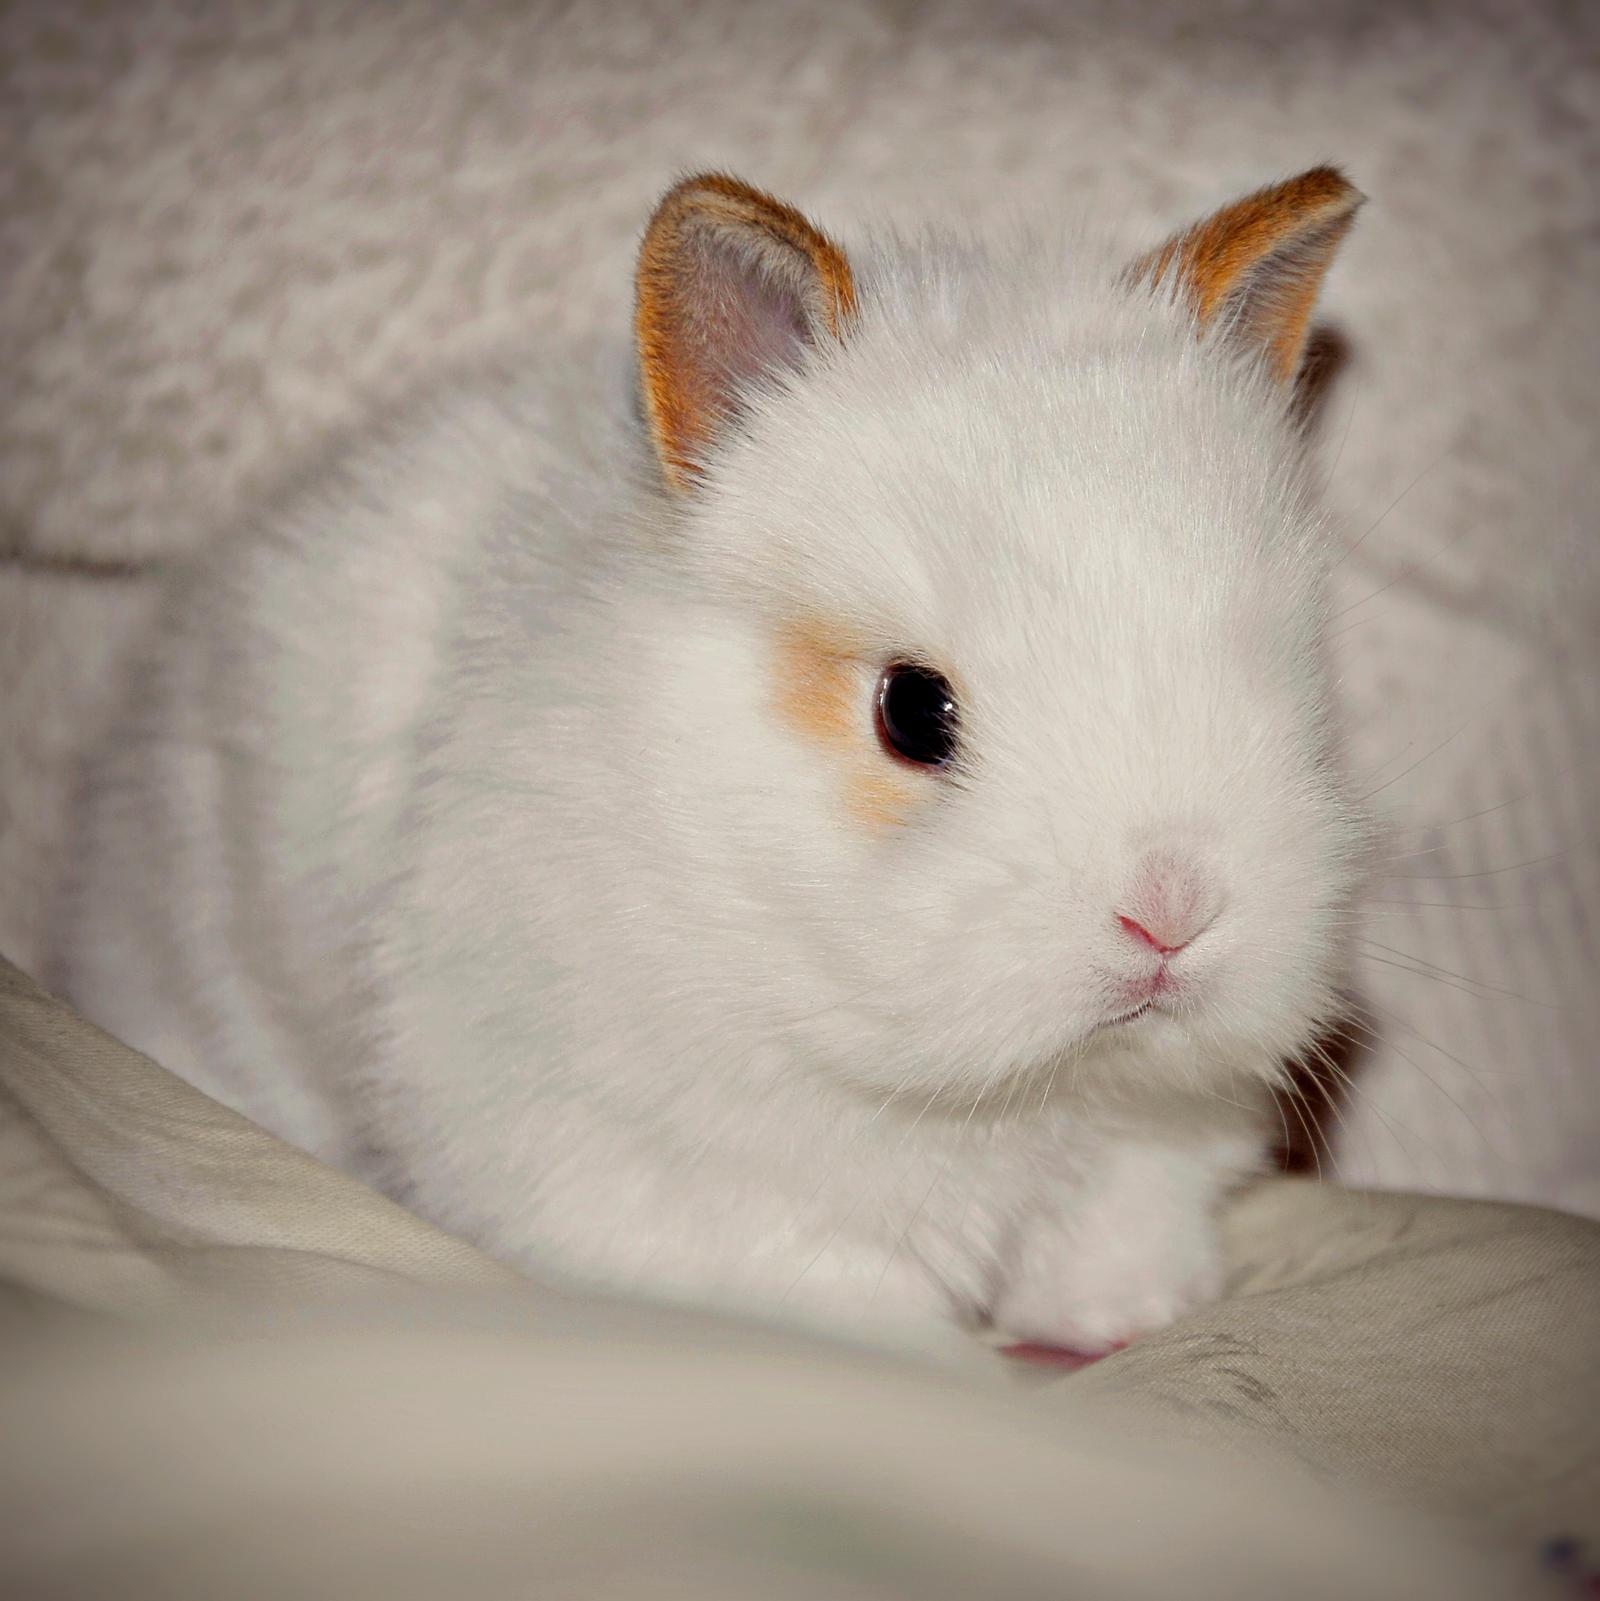 Baby Bunny by Burtn